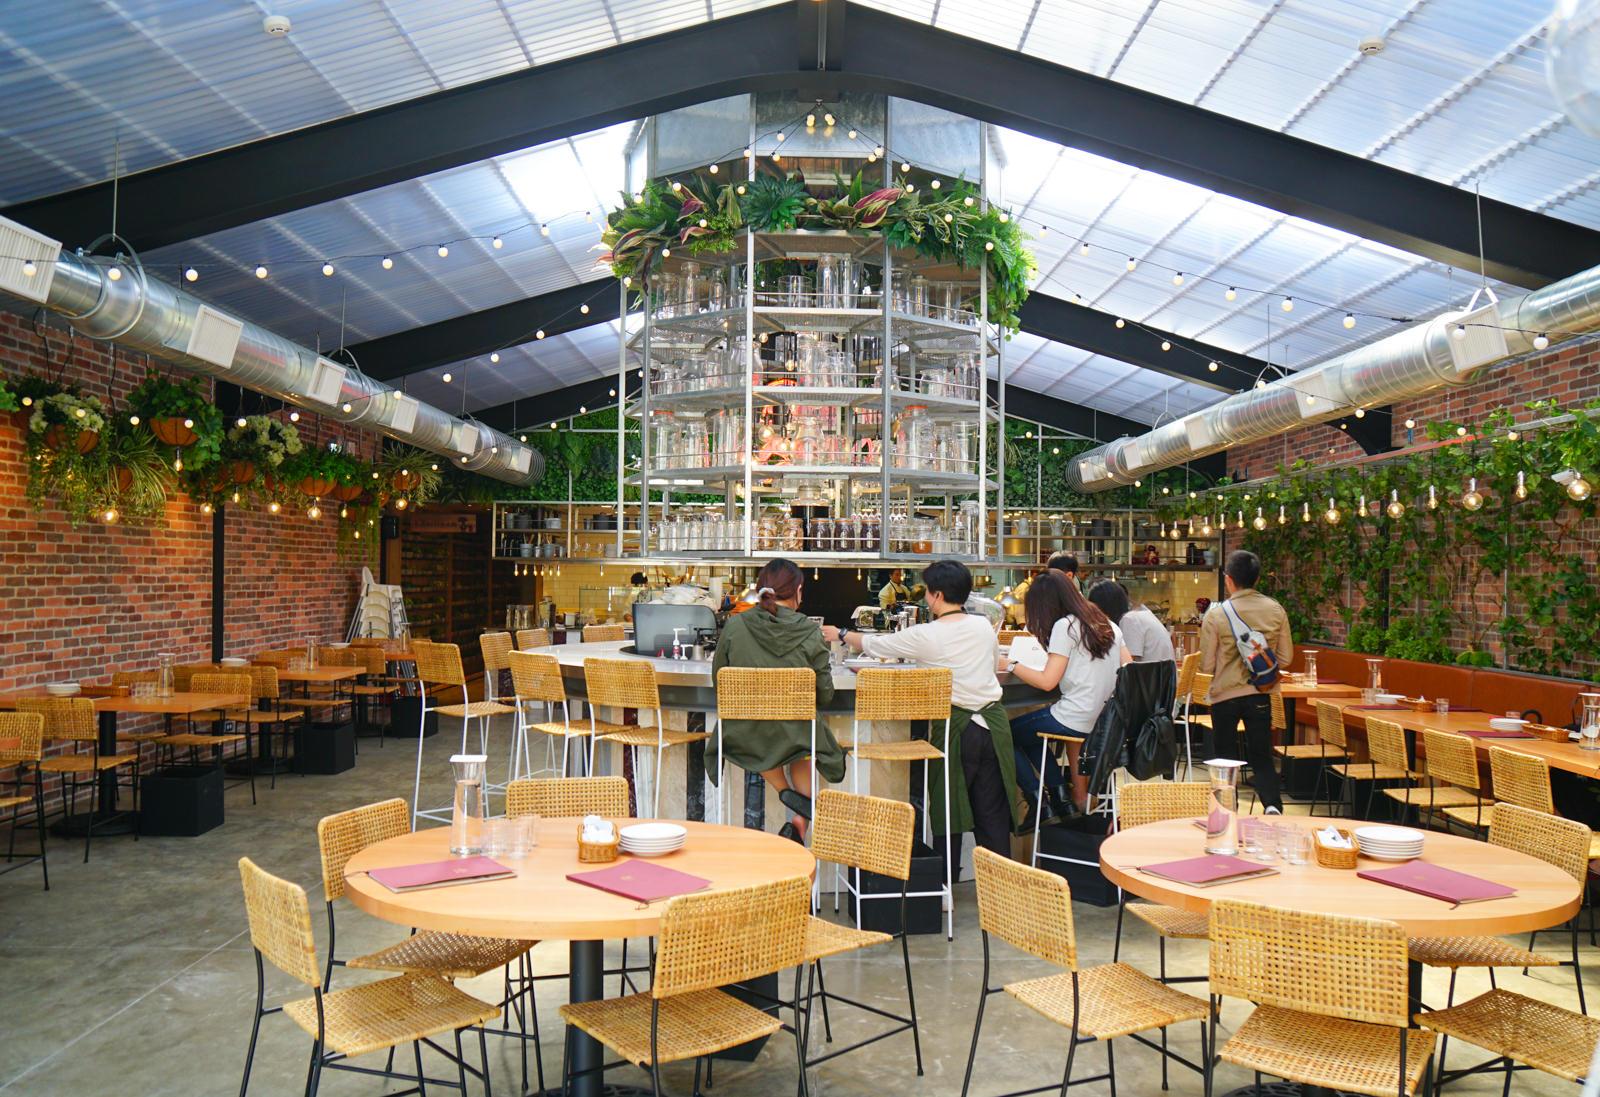 [高雄]Trattoria Venti義大利料理餐館-高美館時尚打卡新地標 米其林一星師傅指導 薄多義新品牌  高雄聚餐推薦 @美食好芃友